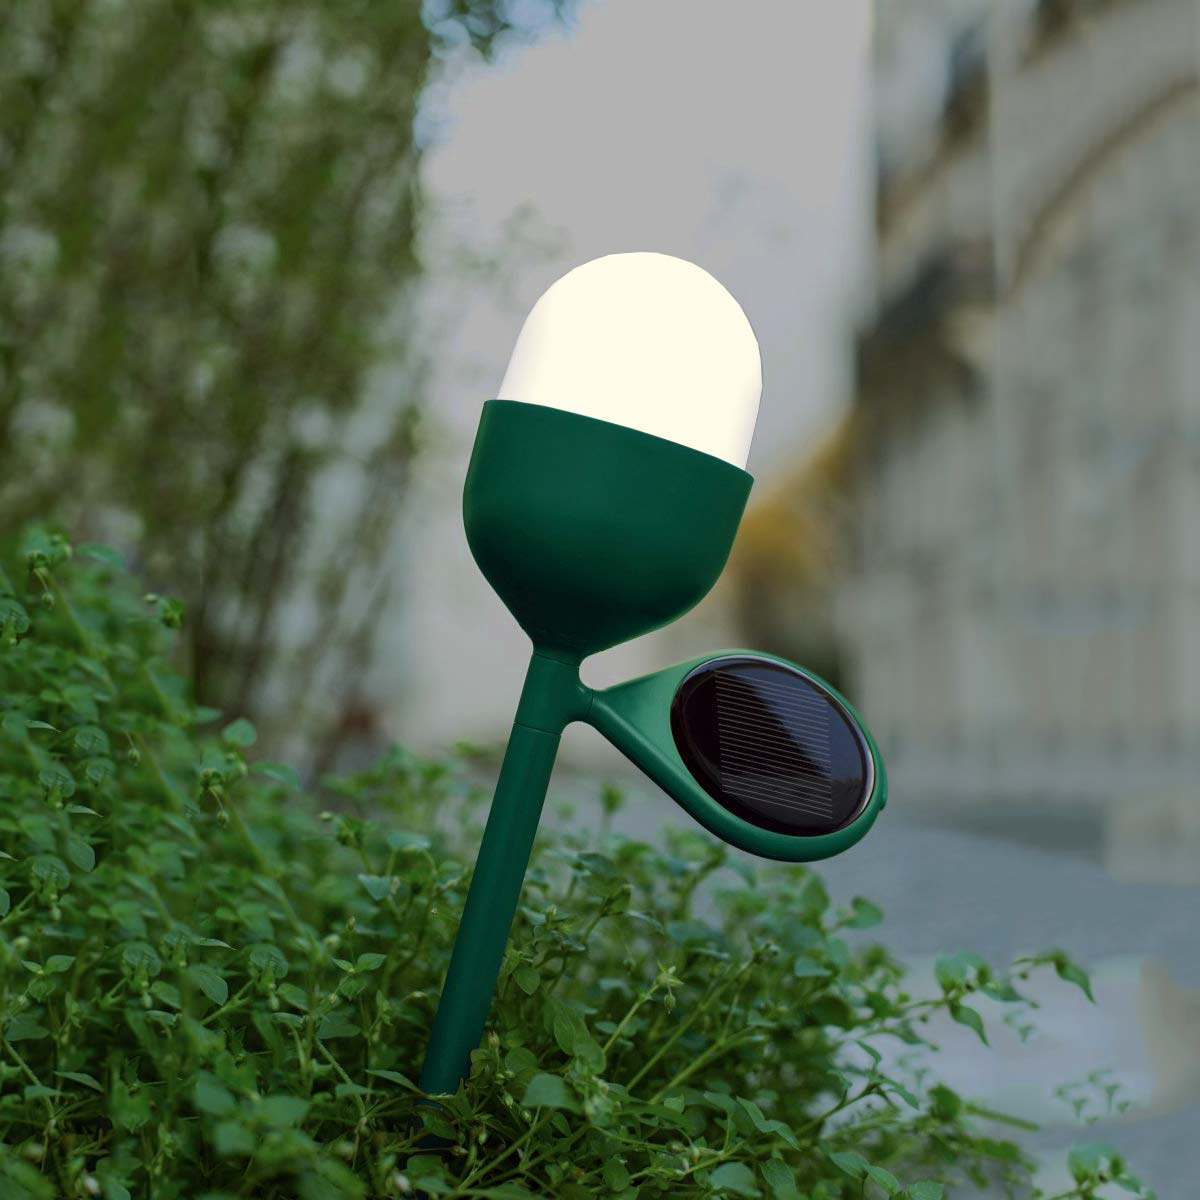 LEXON LH45 Clover Garden Light - Green | the design gift shop